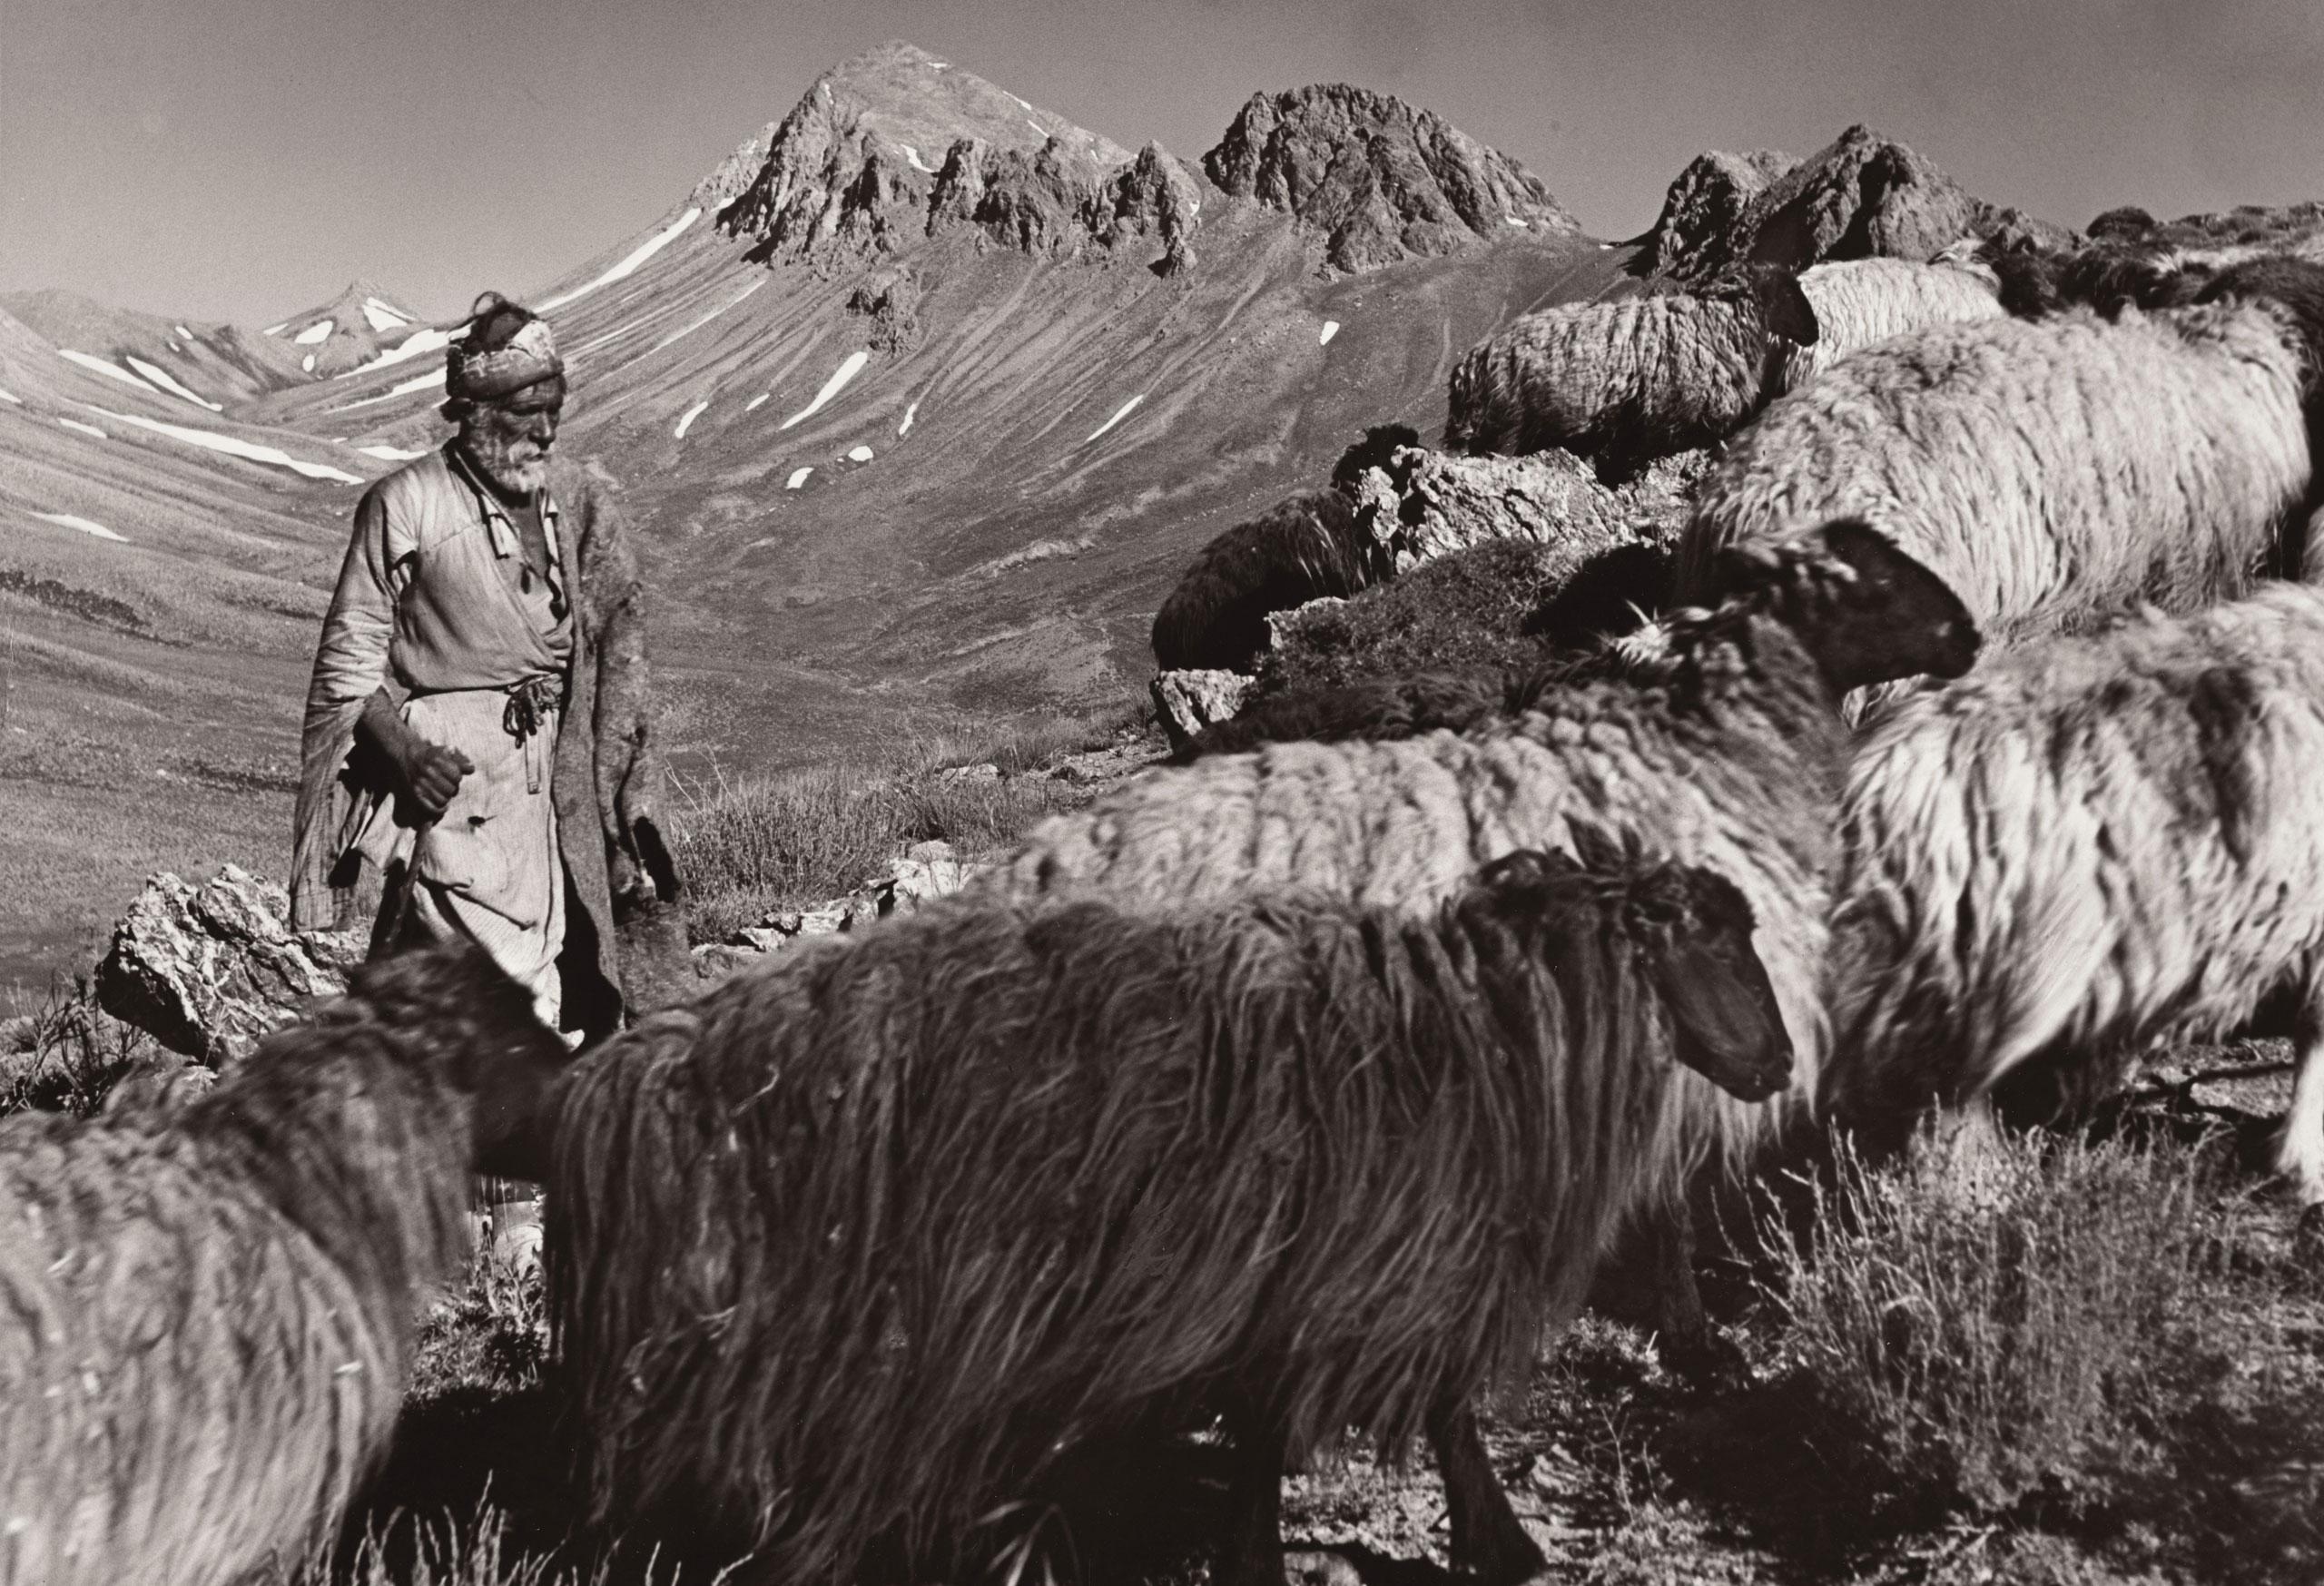 Qashqai nomadi shepherd, Iran, 1946.